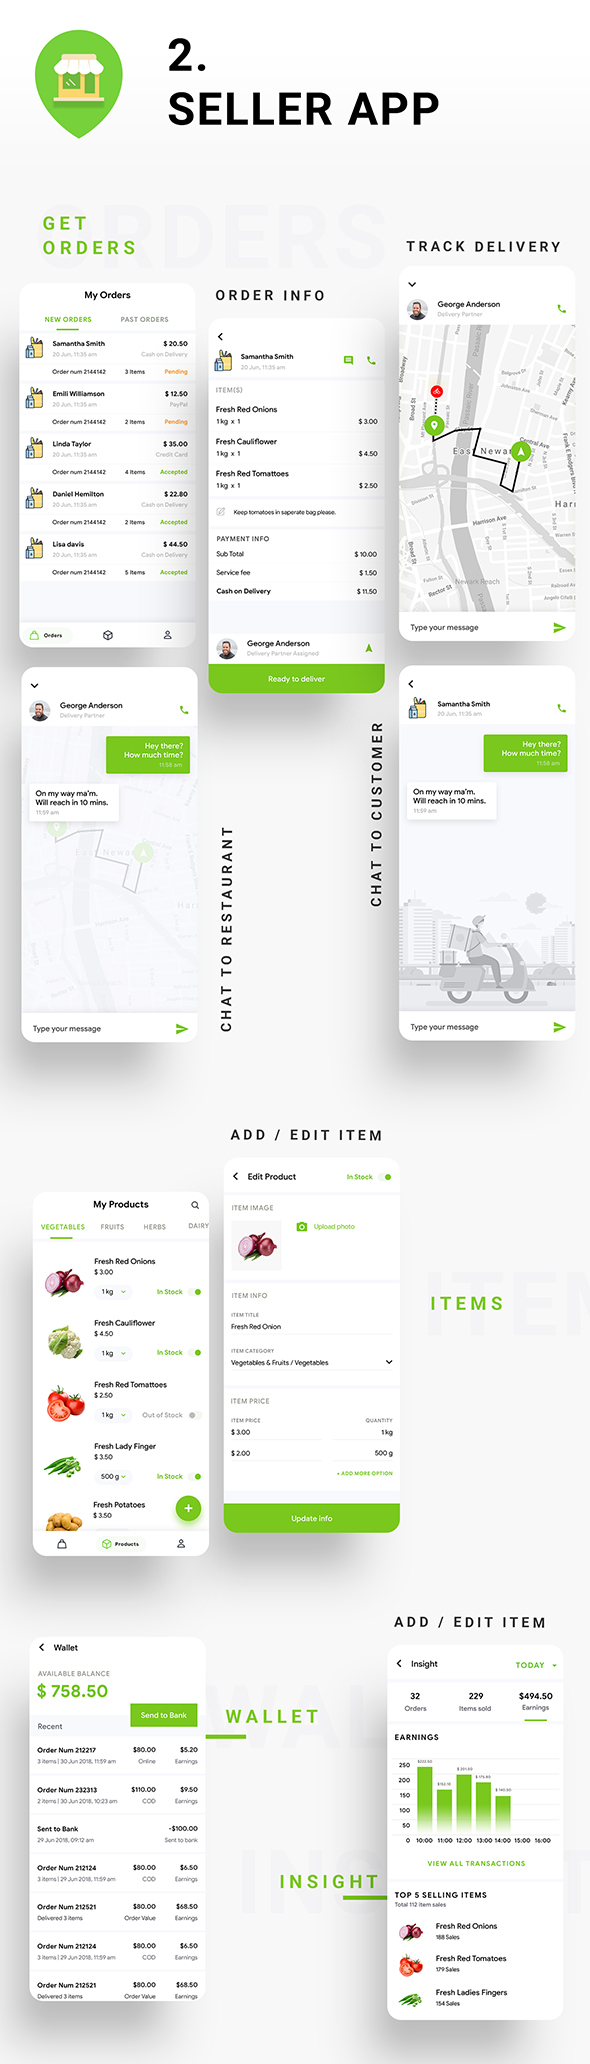 Modèle d'application de livraison de commerce électronique Android + iOS |  3 applications utilisateur + fournisseur + livraison |  IONIC 5 |  Delivoo - 7